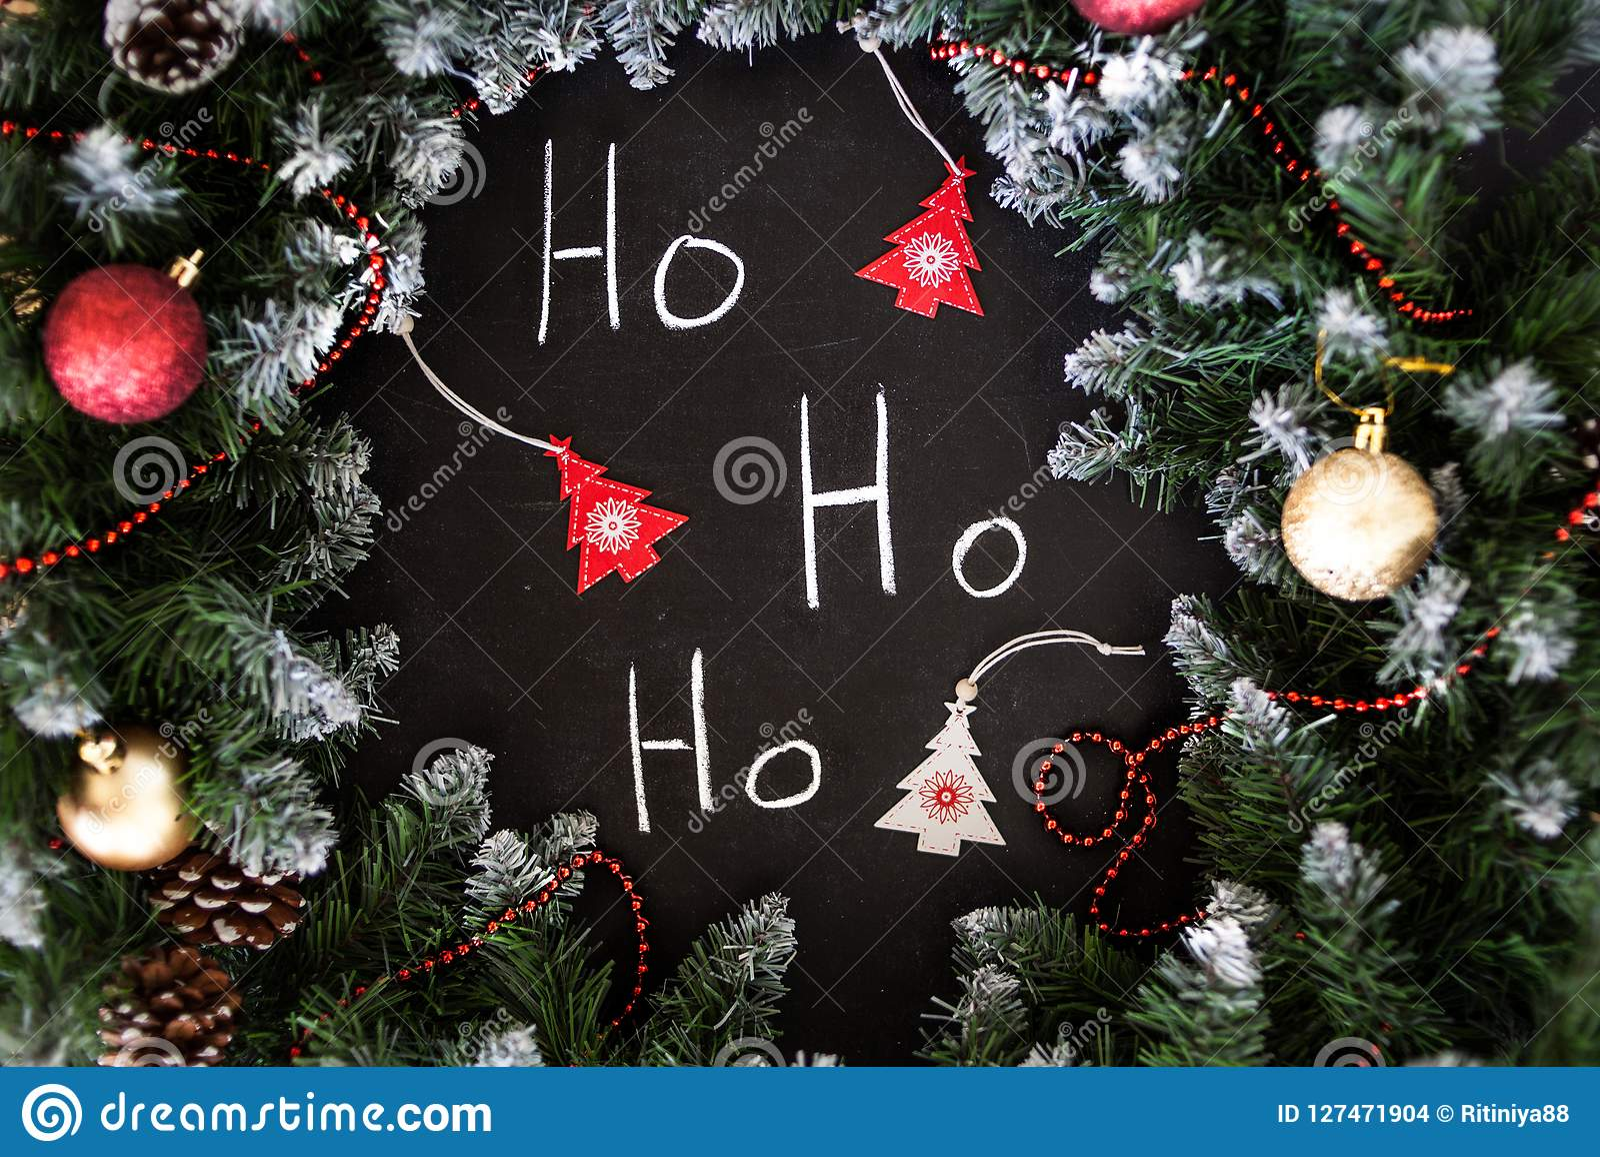 Feliz Año Nuevo de la inscripción en tablero negro Tablero negro con Feliz Año Nuevo de la inscripción de la mano con tiza